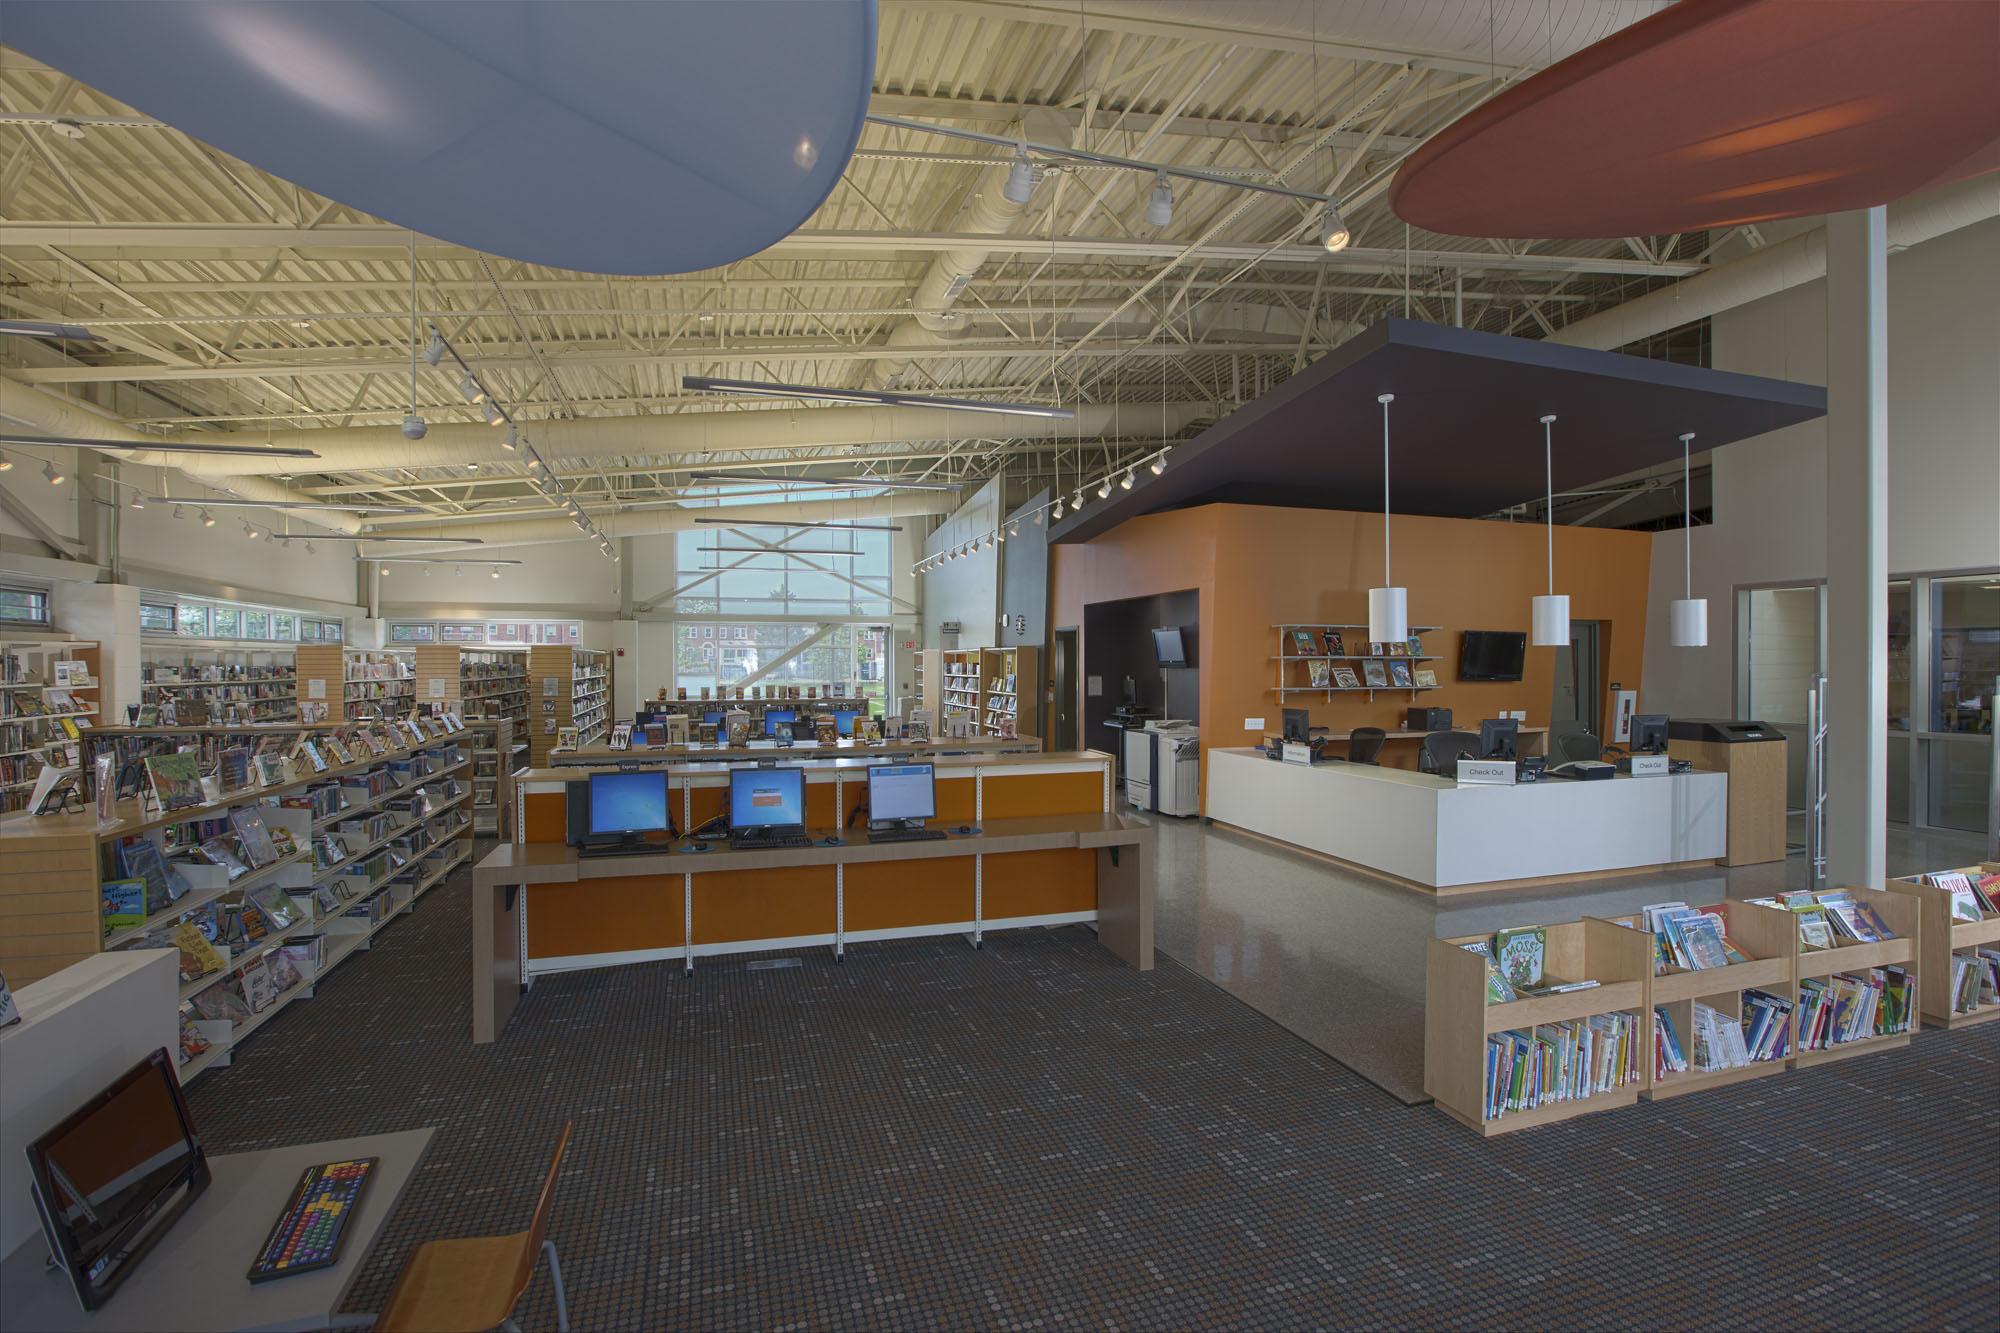 Rosedale Recreation Center Interior Image-144923.jpg